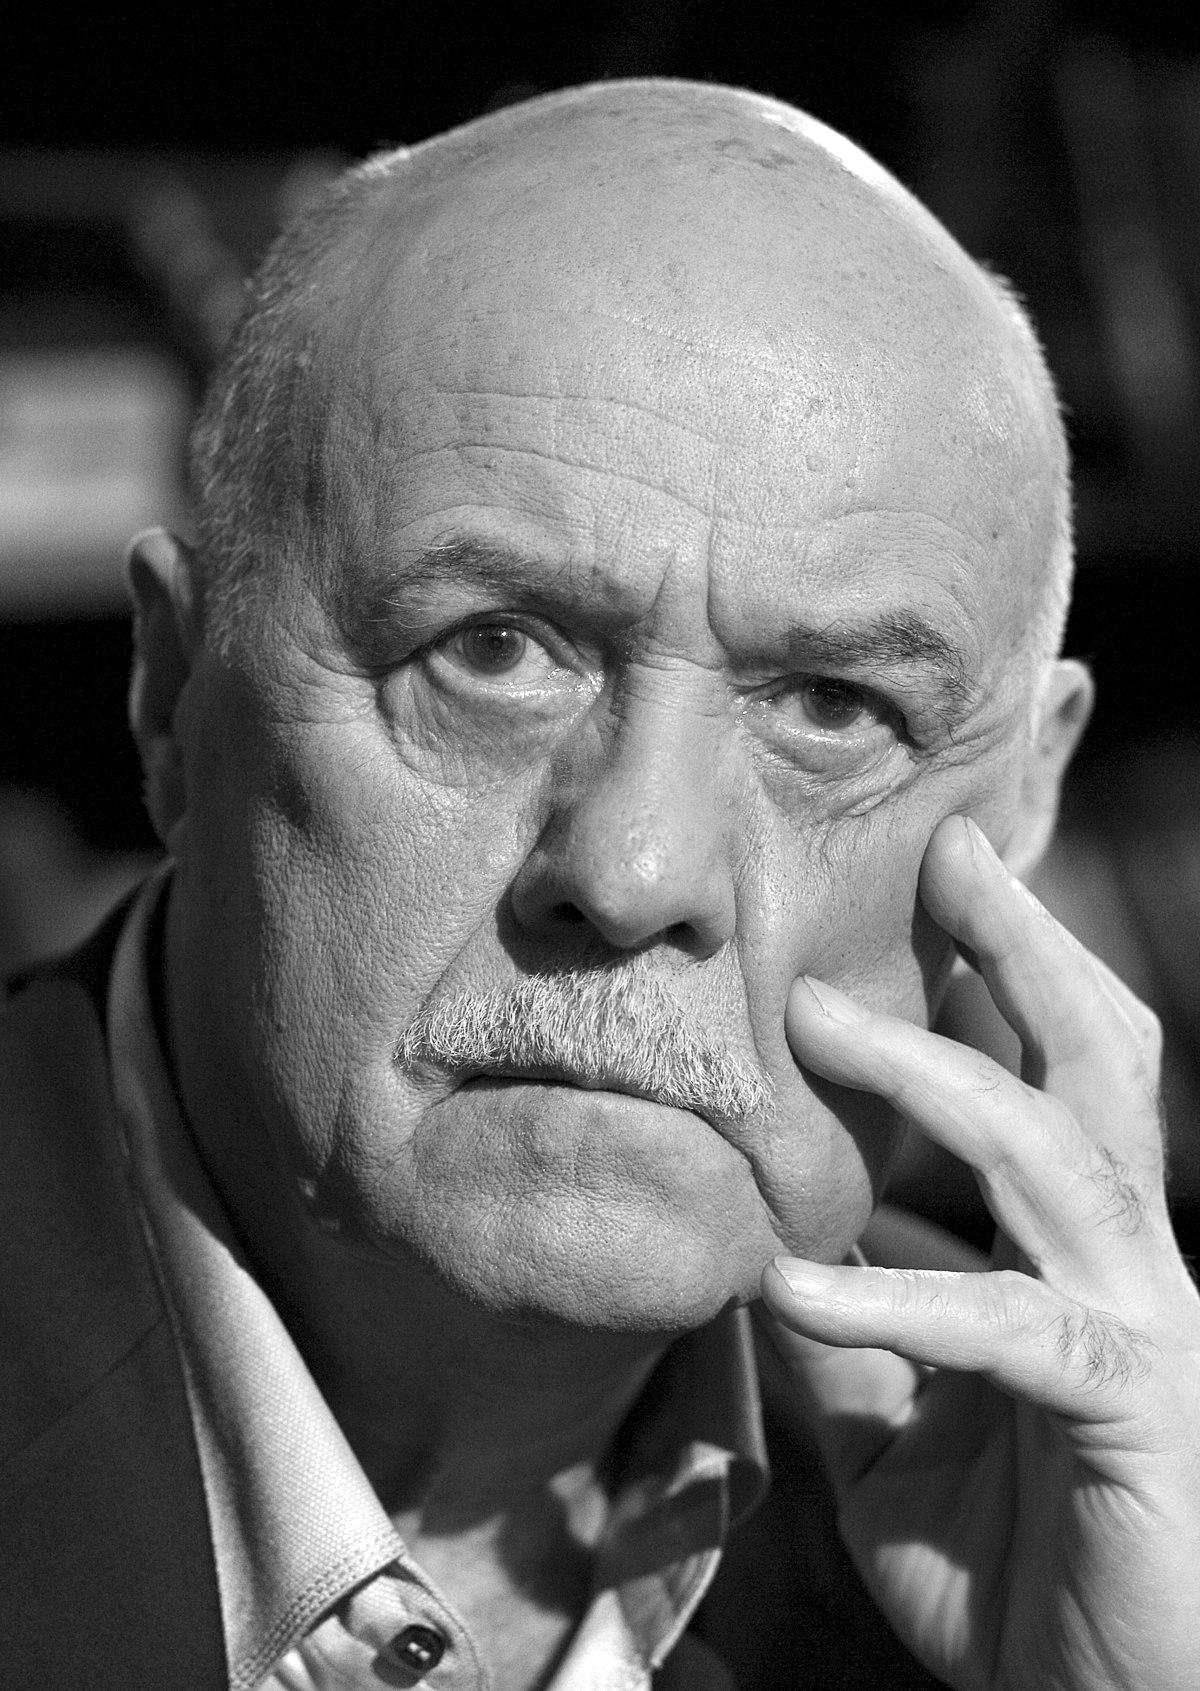 Станислав Говорухин: биография, личная жизнь, семья, жена, дети — фото